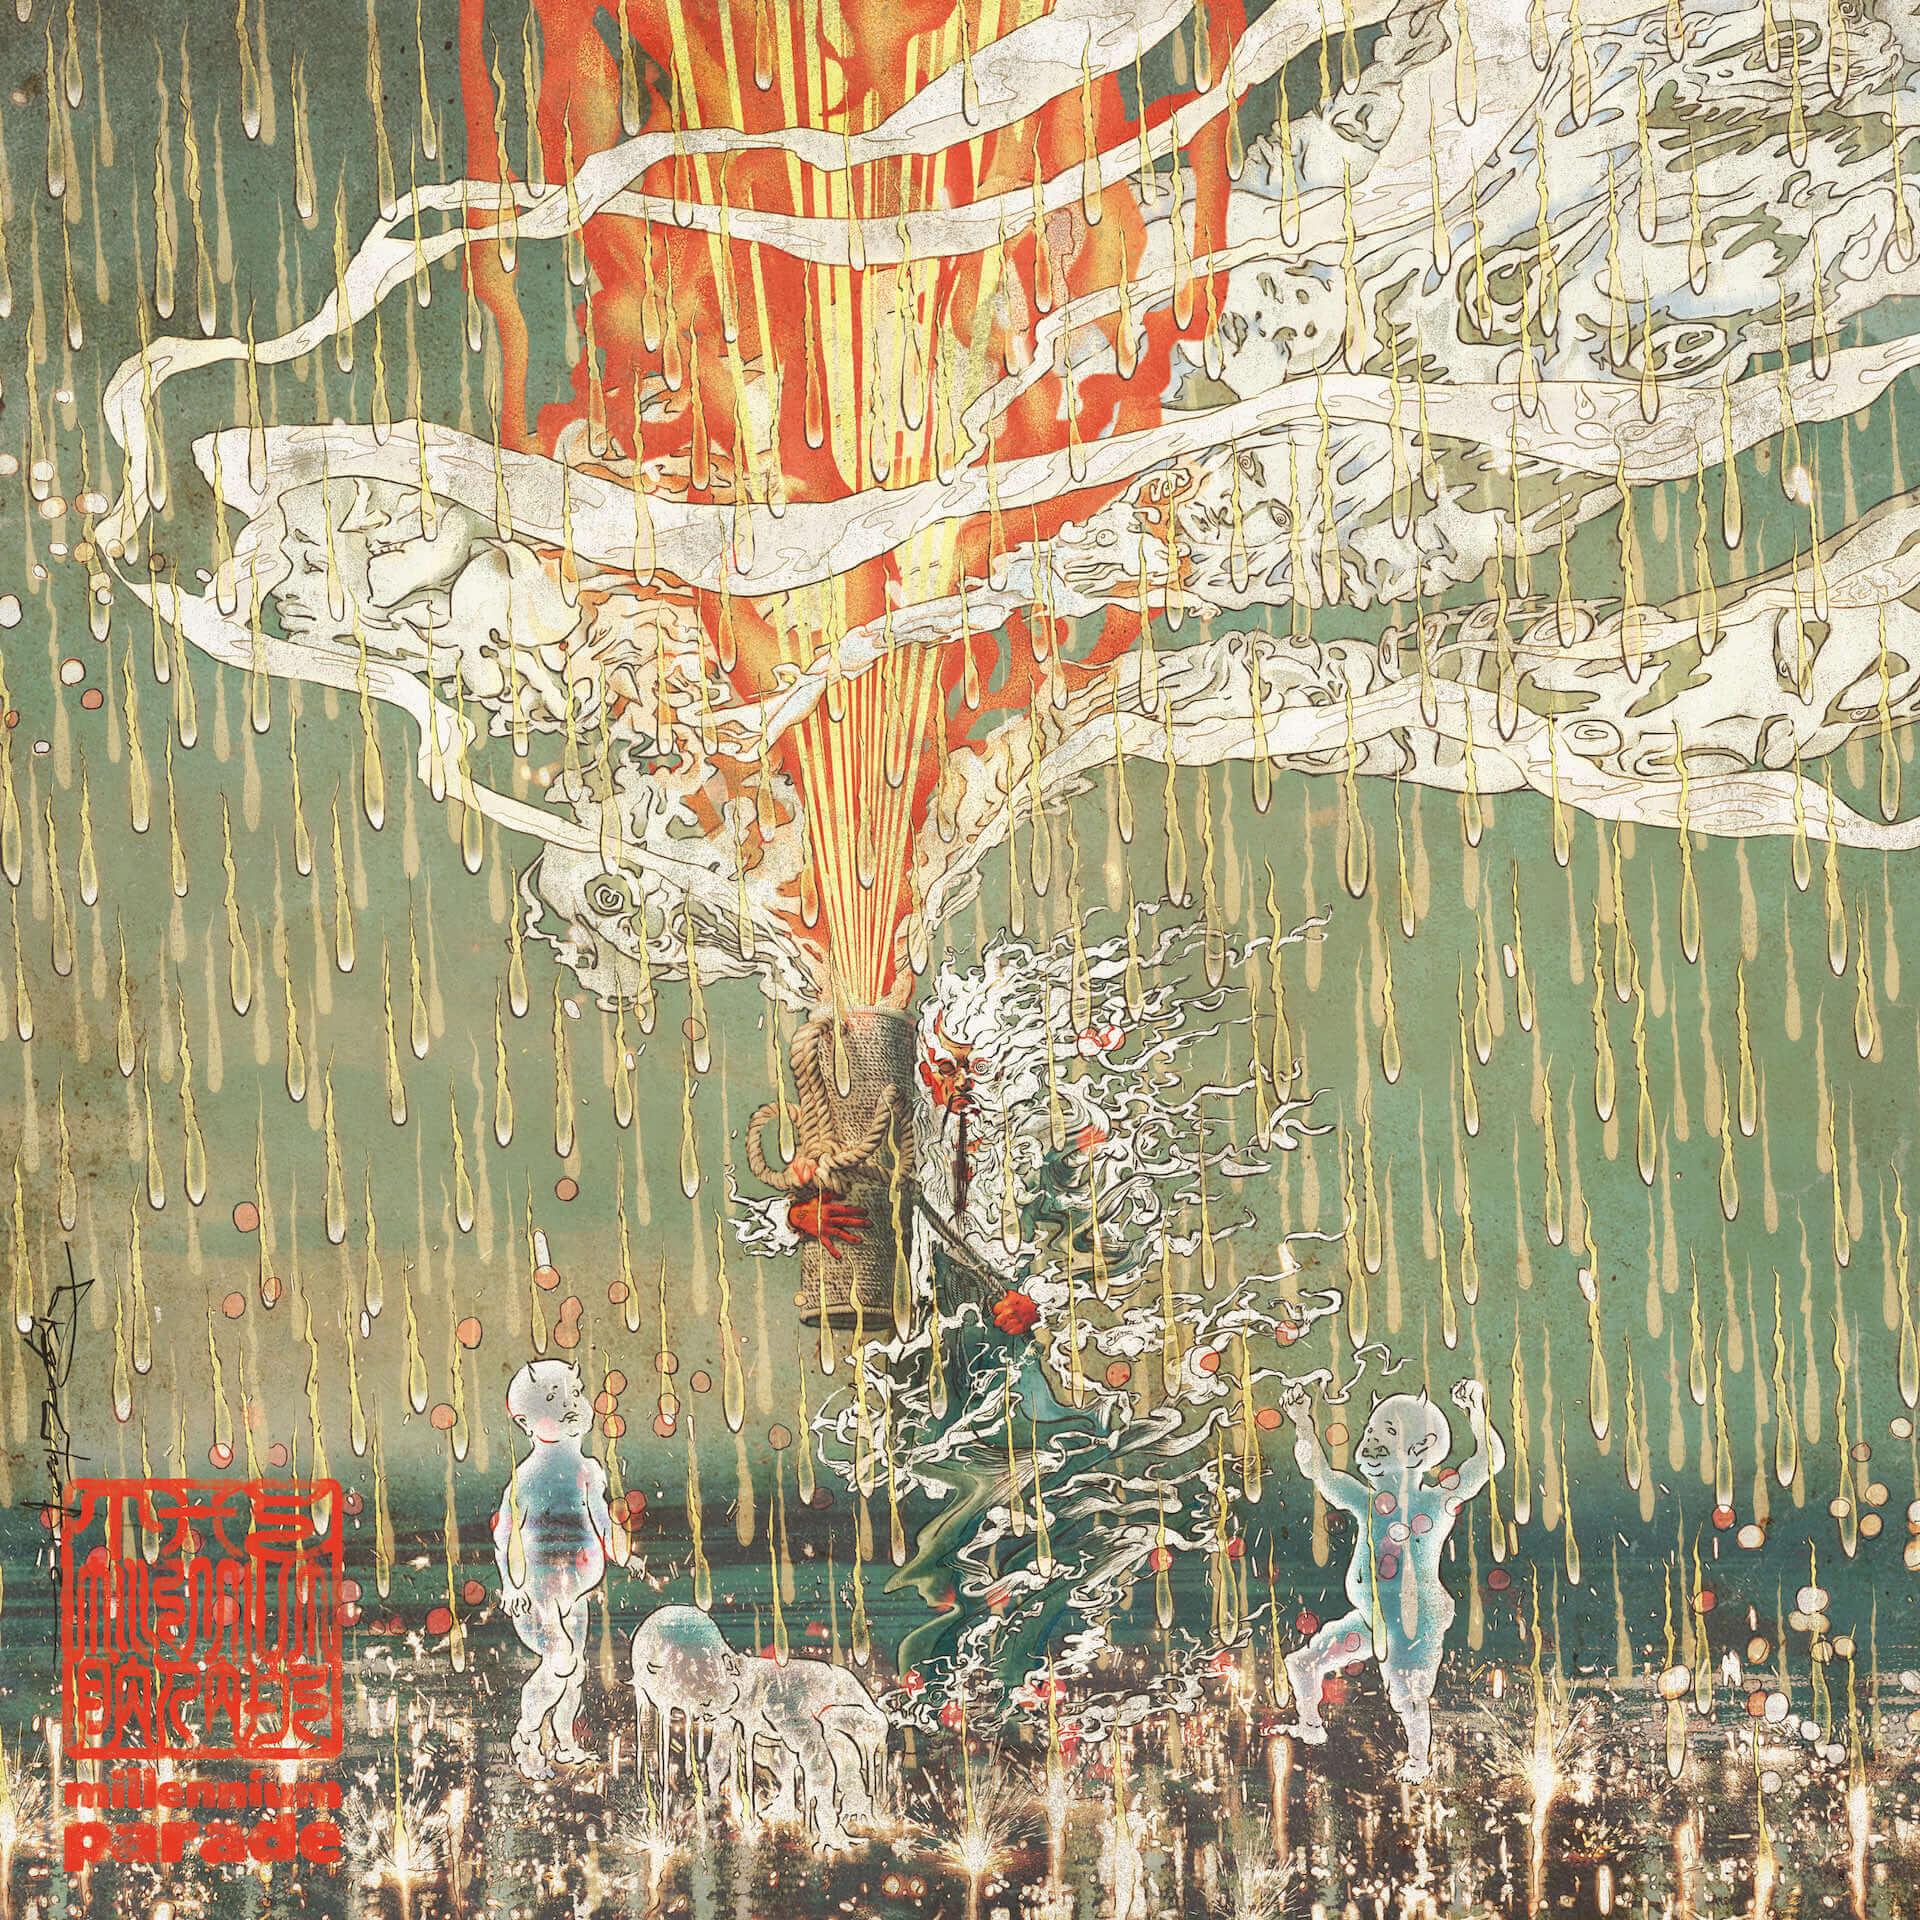 """ミレニアム・パレード""""Trepanation""""のMVがプレミア公開決定!綾野剛主演『ホムンクルス』がNetflixで配信スタート"""